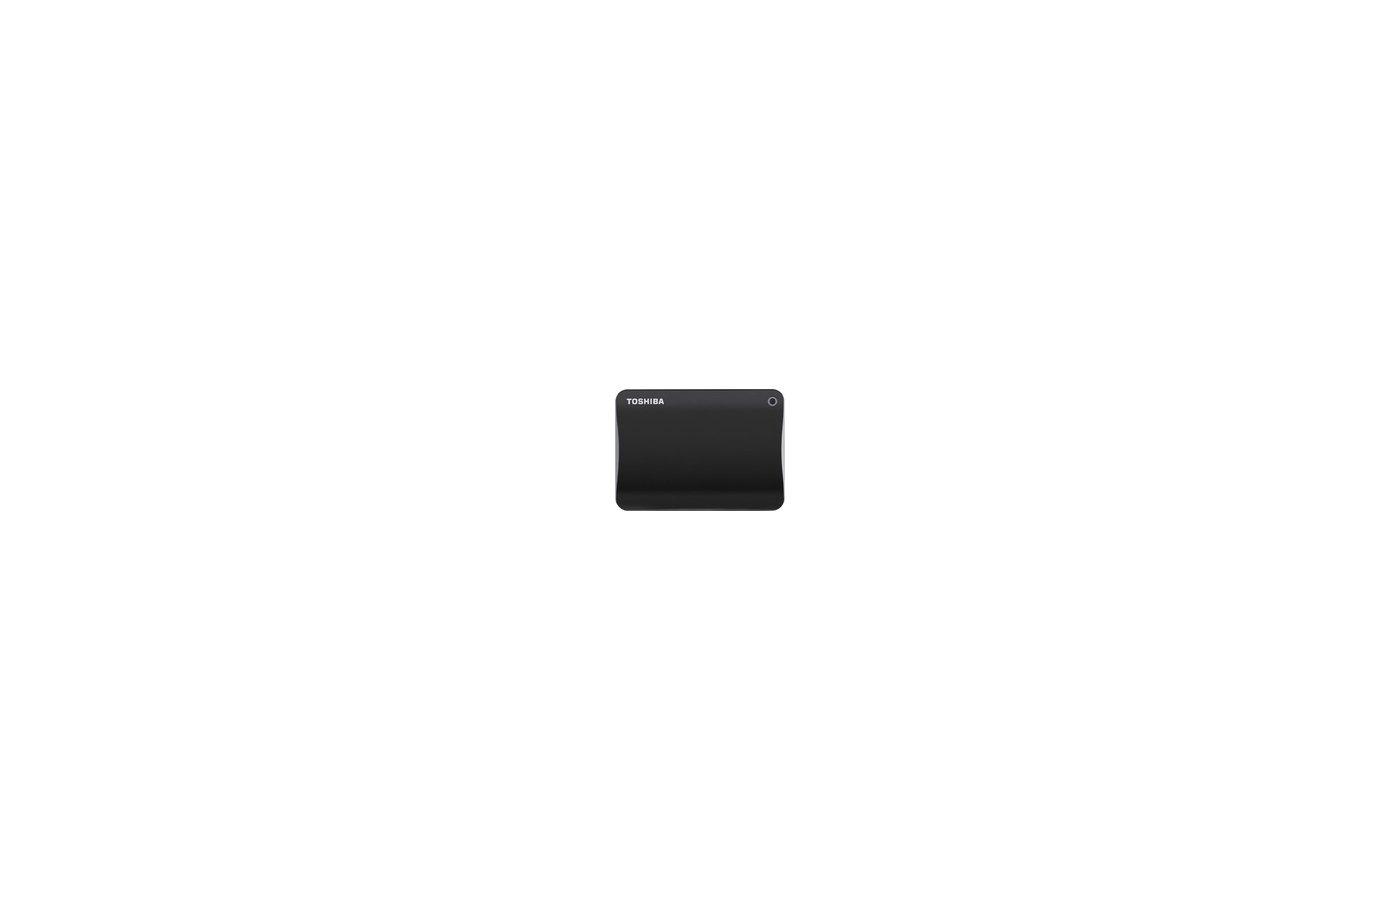 Внешний жесткий диск Toshiba HDTC810EK3AA 1Tb USB 3.0 CANVIO Connect II 2.5 черный